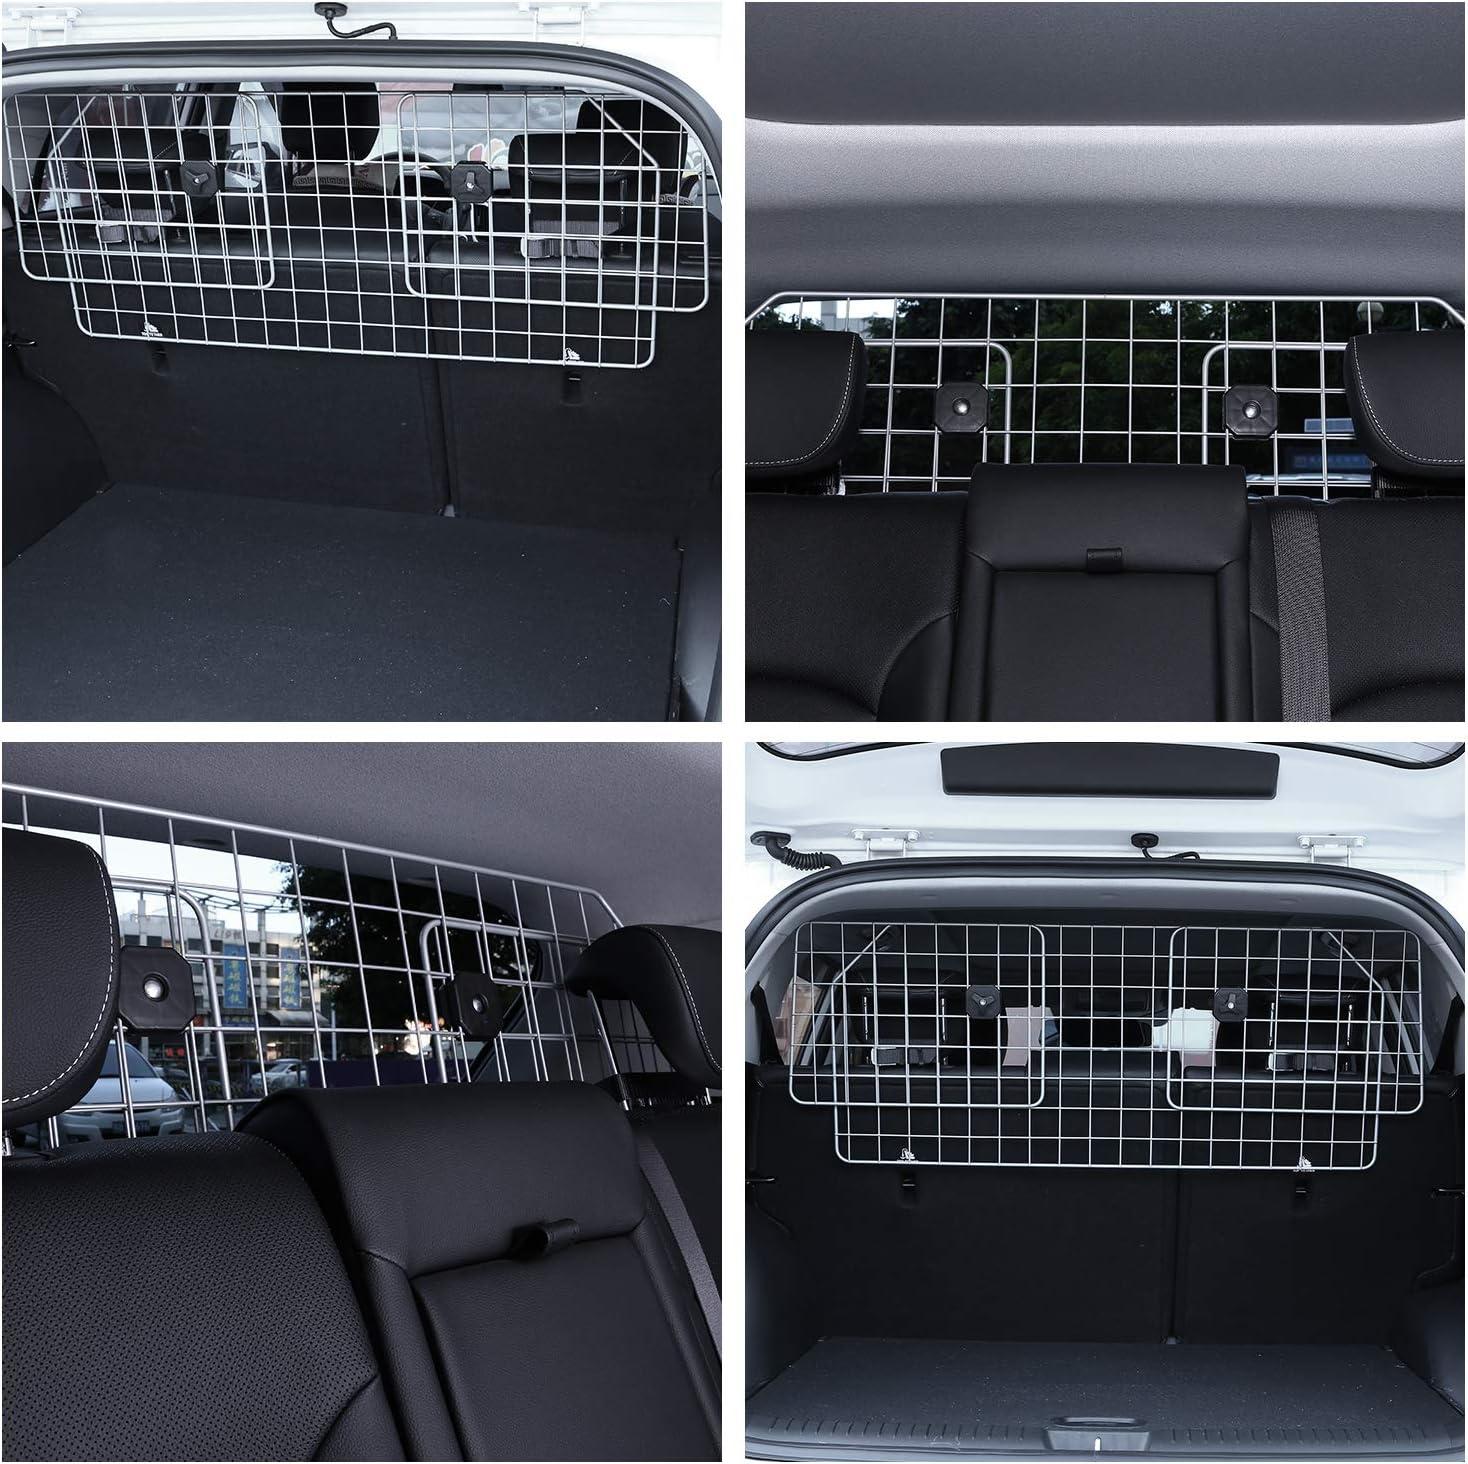 Kofferraum Trenngitter Universal f/ür Hunde Auto Hundegitter Zum Transport f/ür deinen Hund Schutzgitter mit Kopfst/ützen-Befestigung Hundegitter Auto Verstellbares Kofferraumschutz Gitter